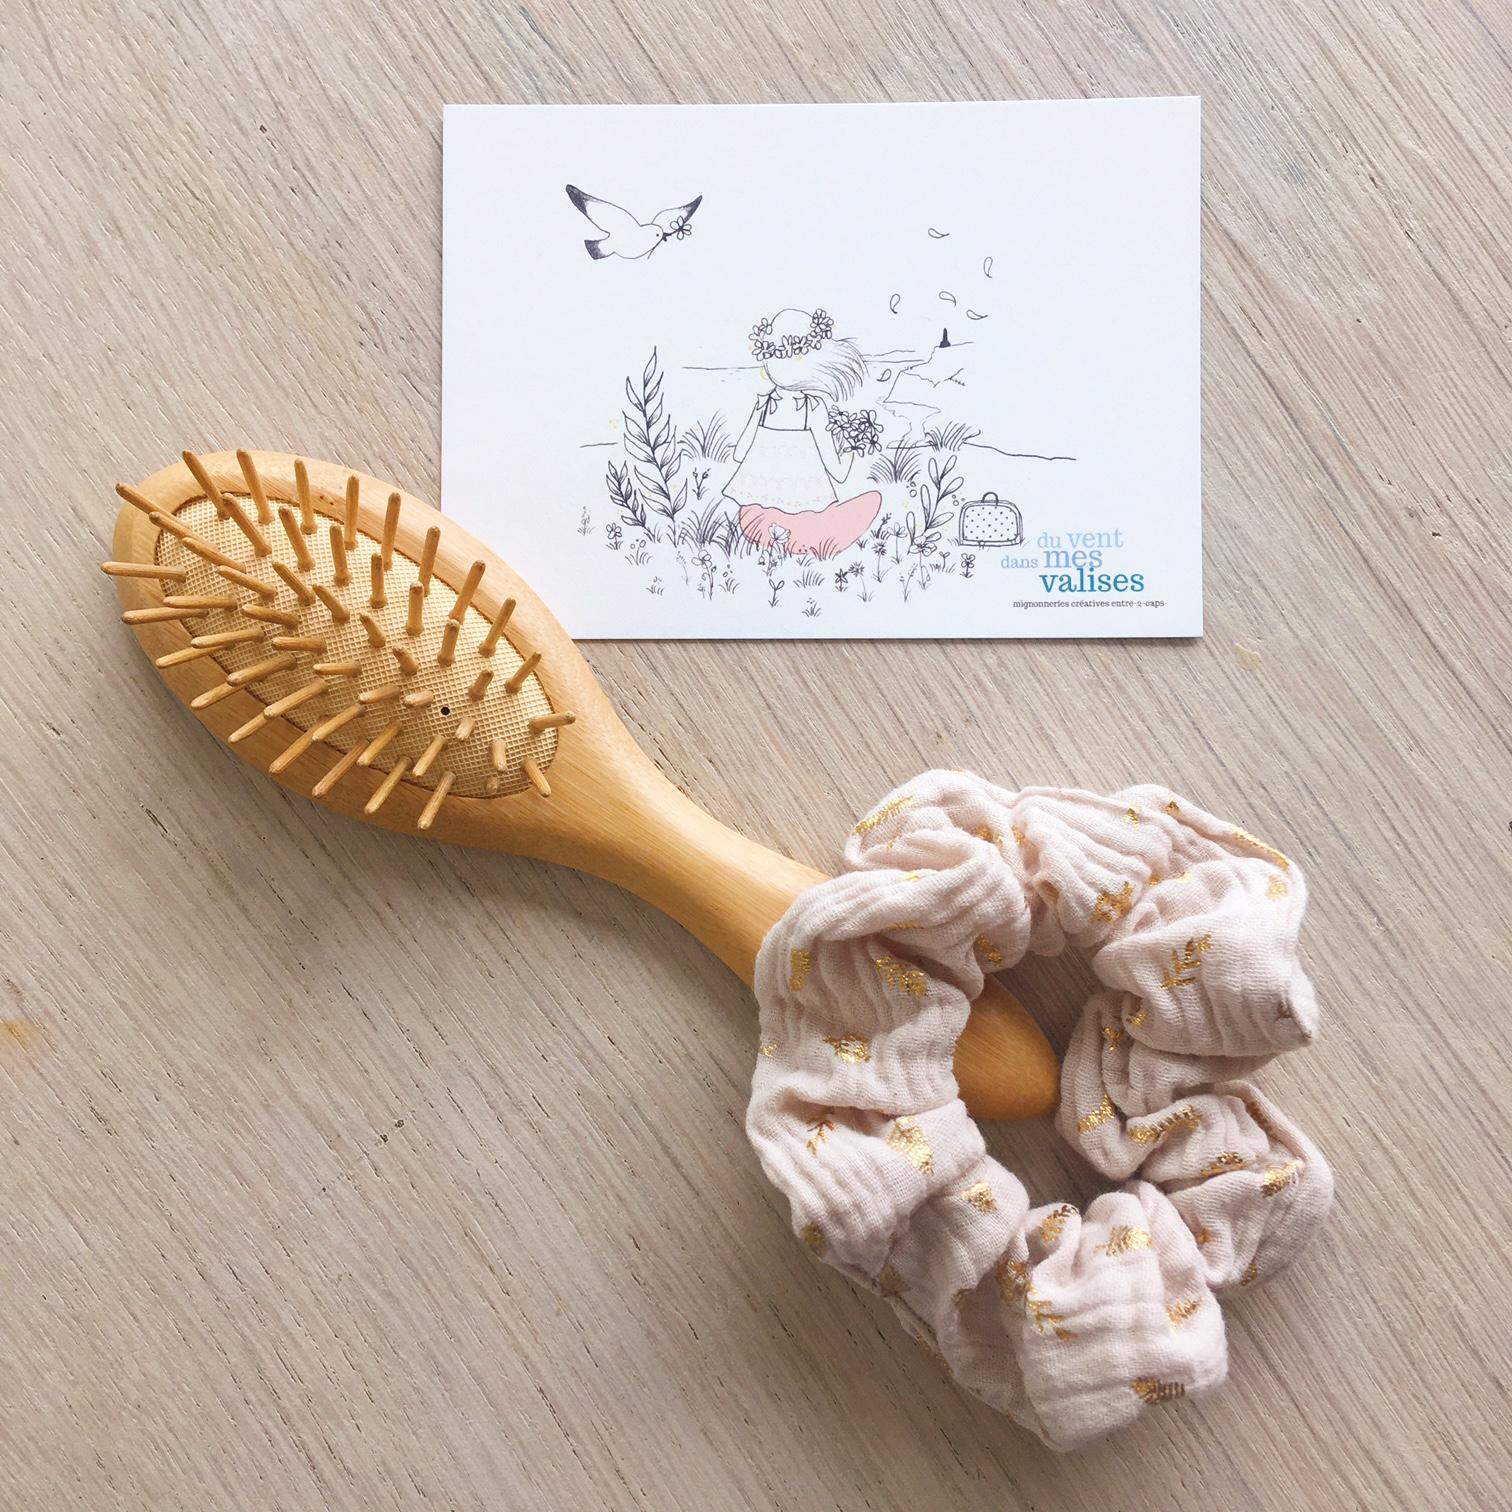 chouchou chic beige nougat feuilles dorées fabrication artisanale française en double gaze de coton - du vent dans mes valises